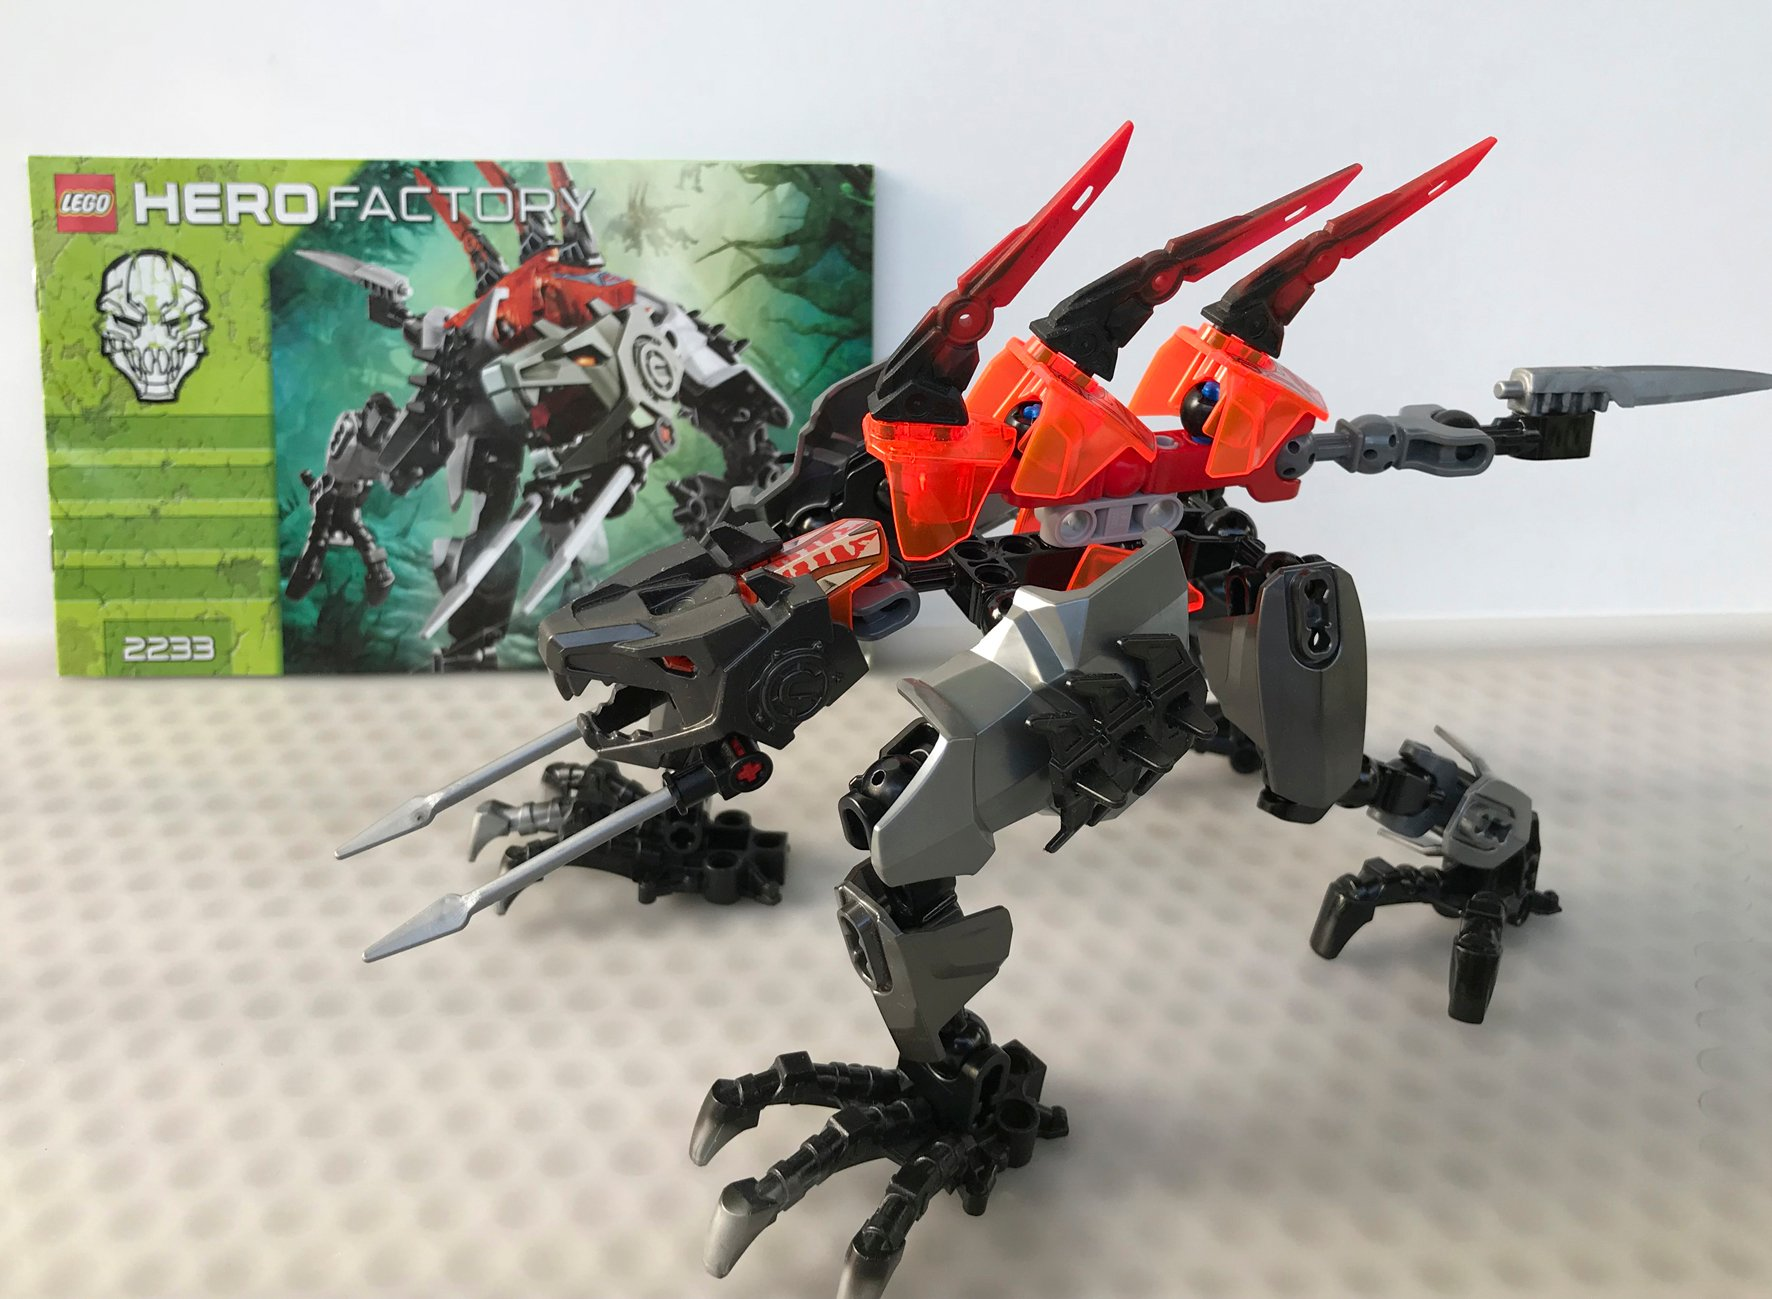 Lego Hero Factory Fangz 2233 Używany Zestaw 7357749347